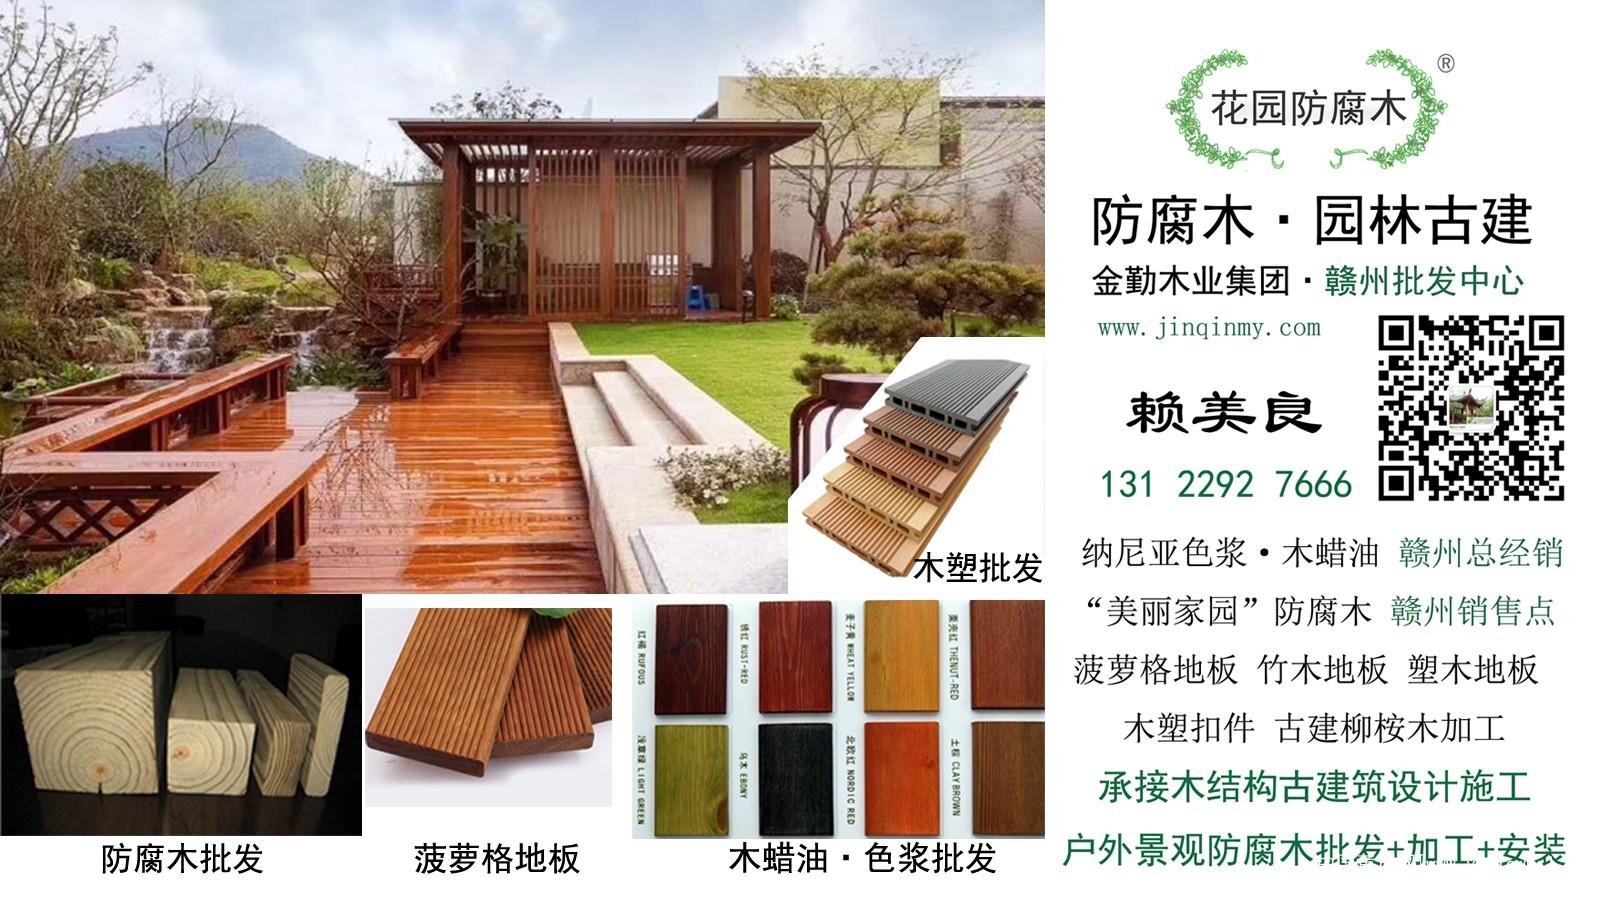 江西瑞金防腐木、龙南菠萝格、龙南樟子松防腐木、竹木地板、塑木